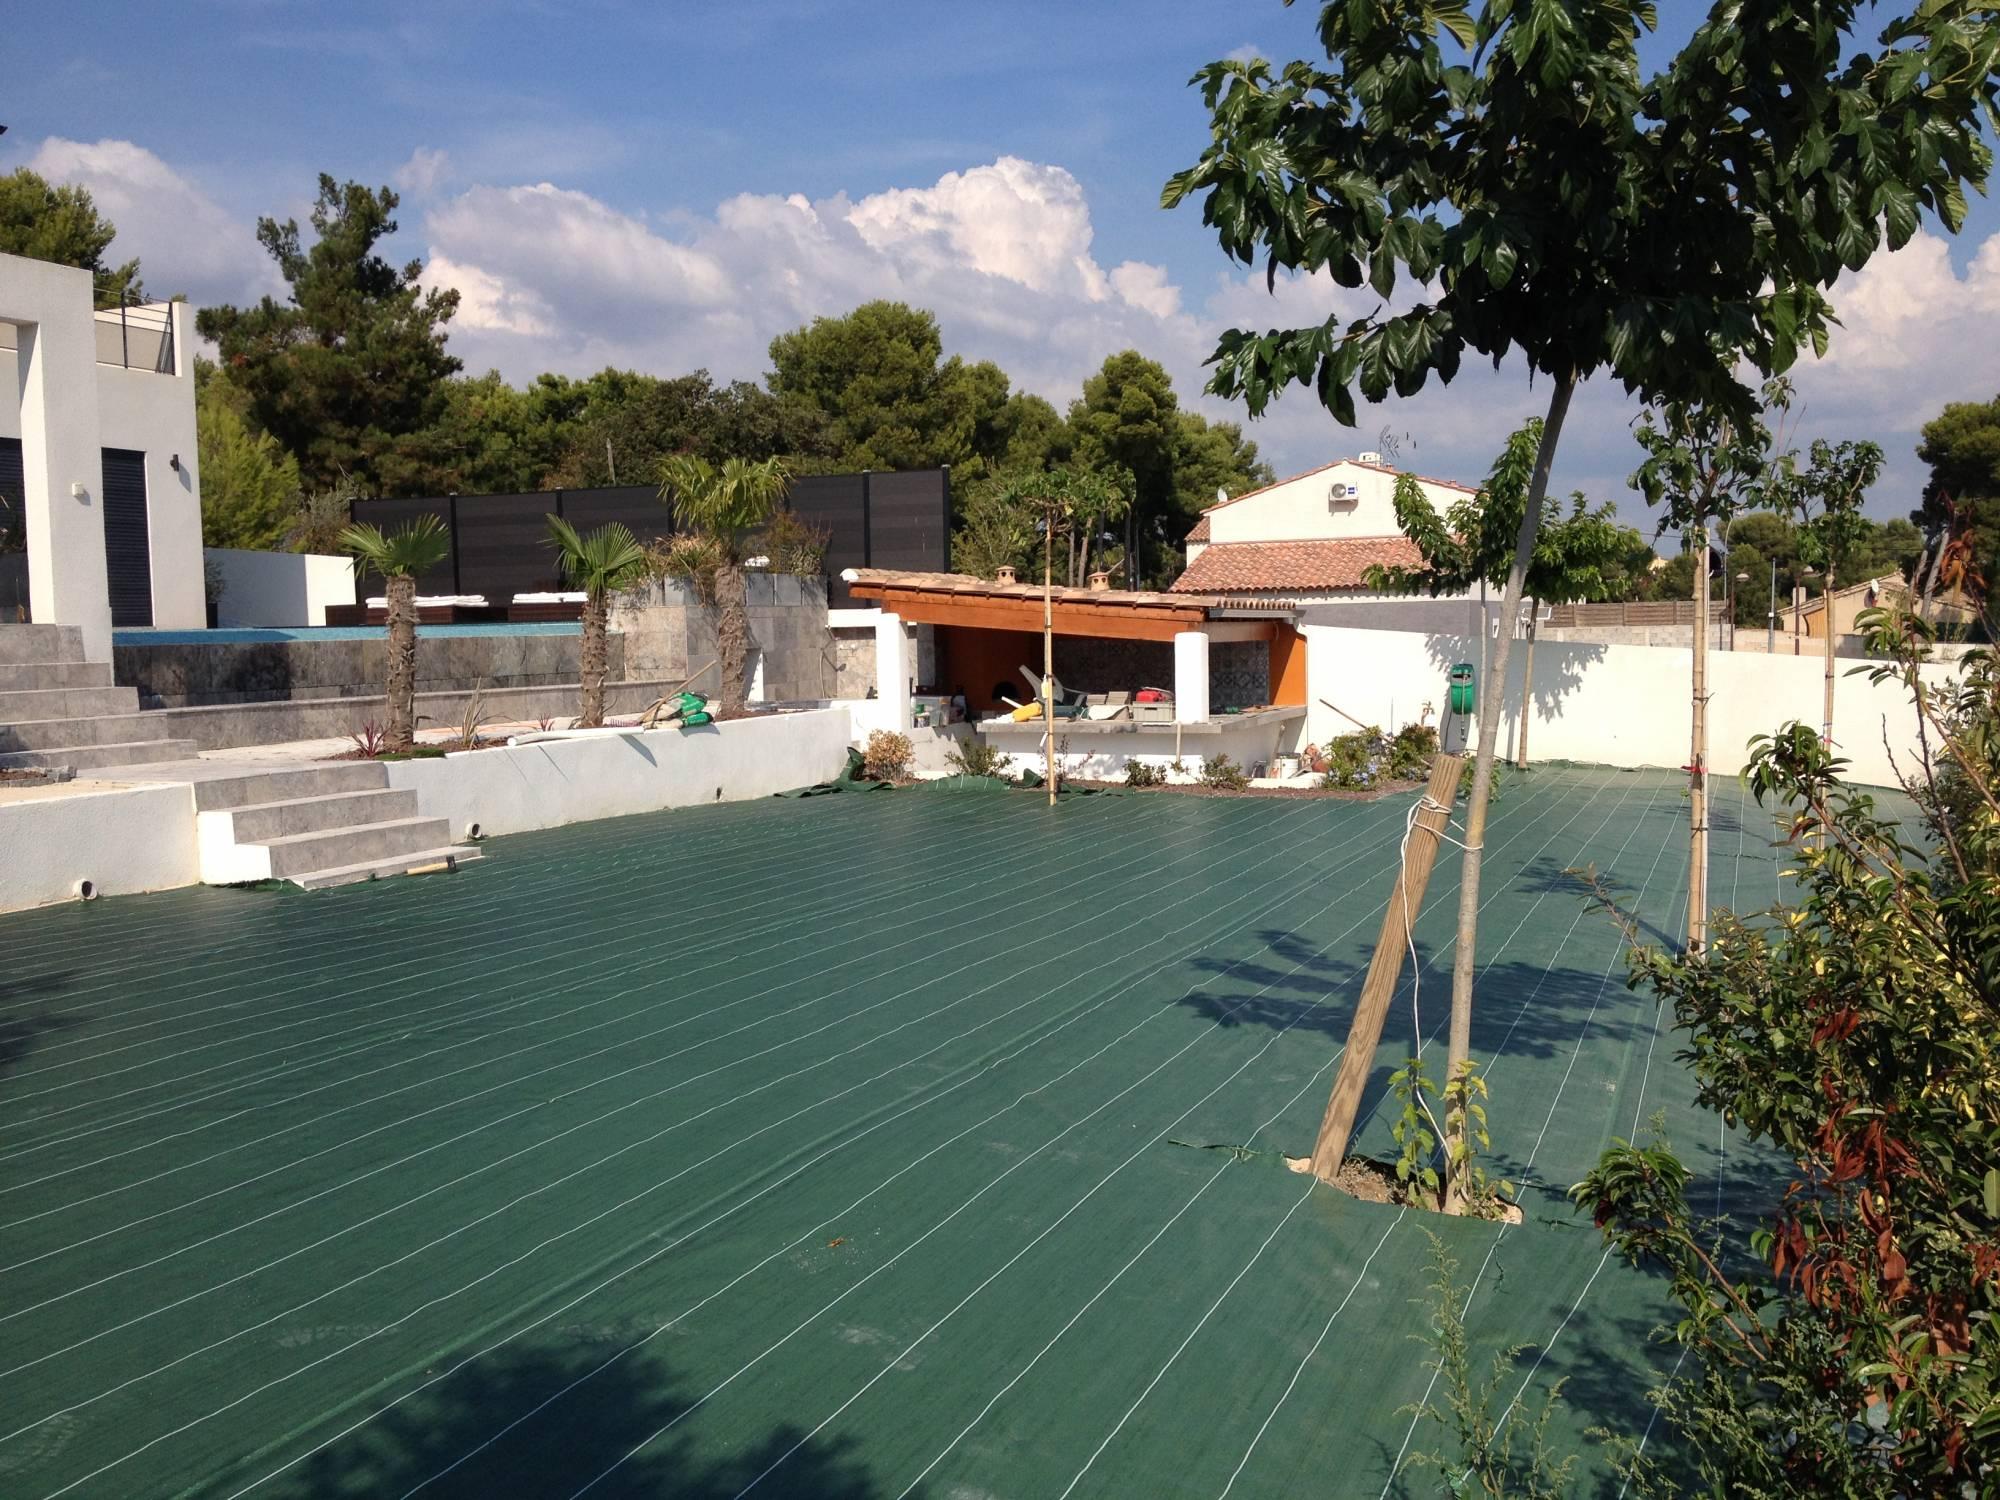 protection pour gazon synthétique